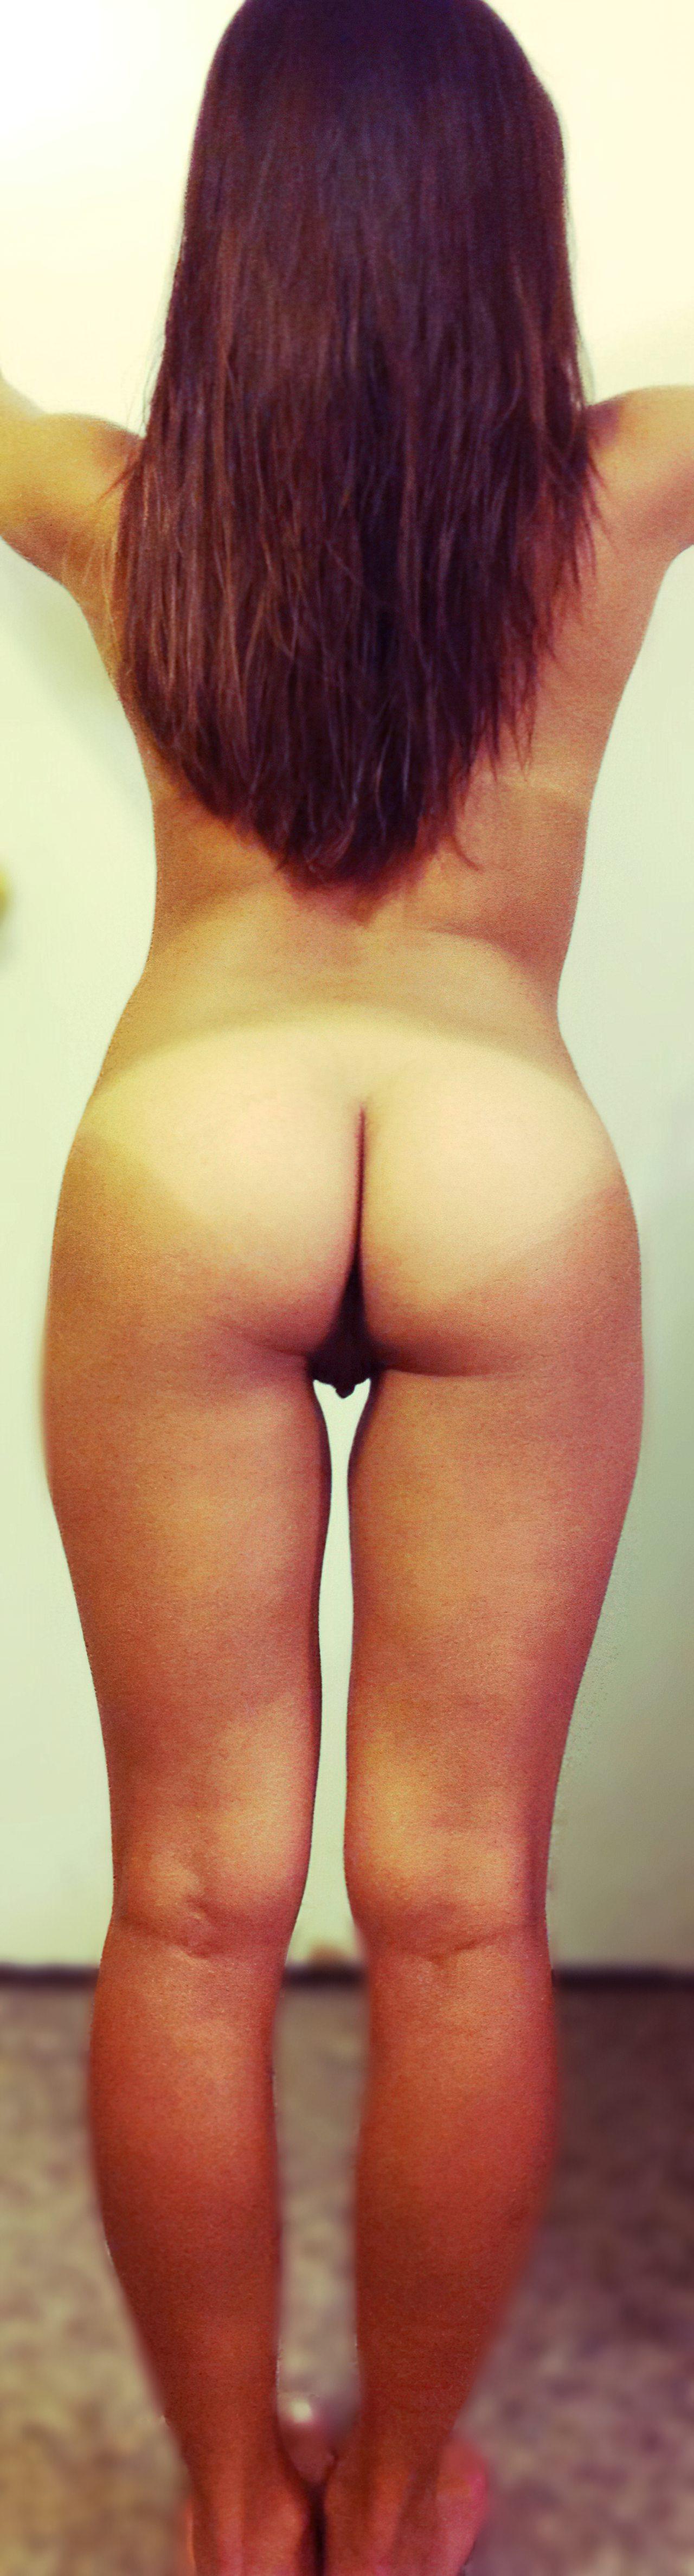 Sexo com Novinha Gostosa (17)